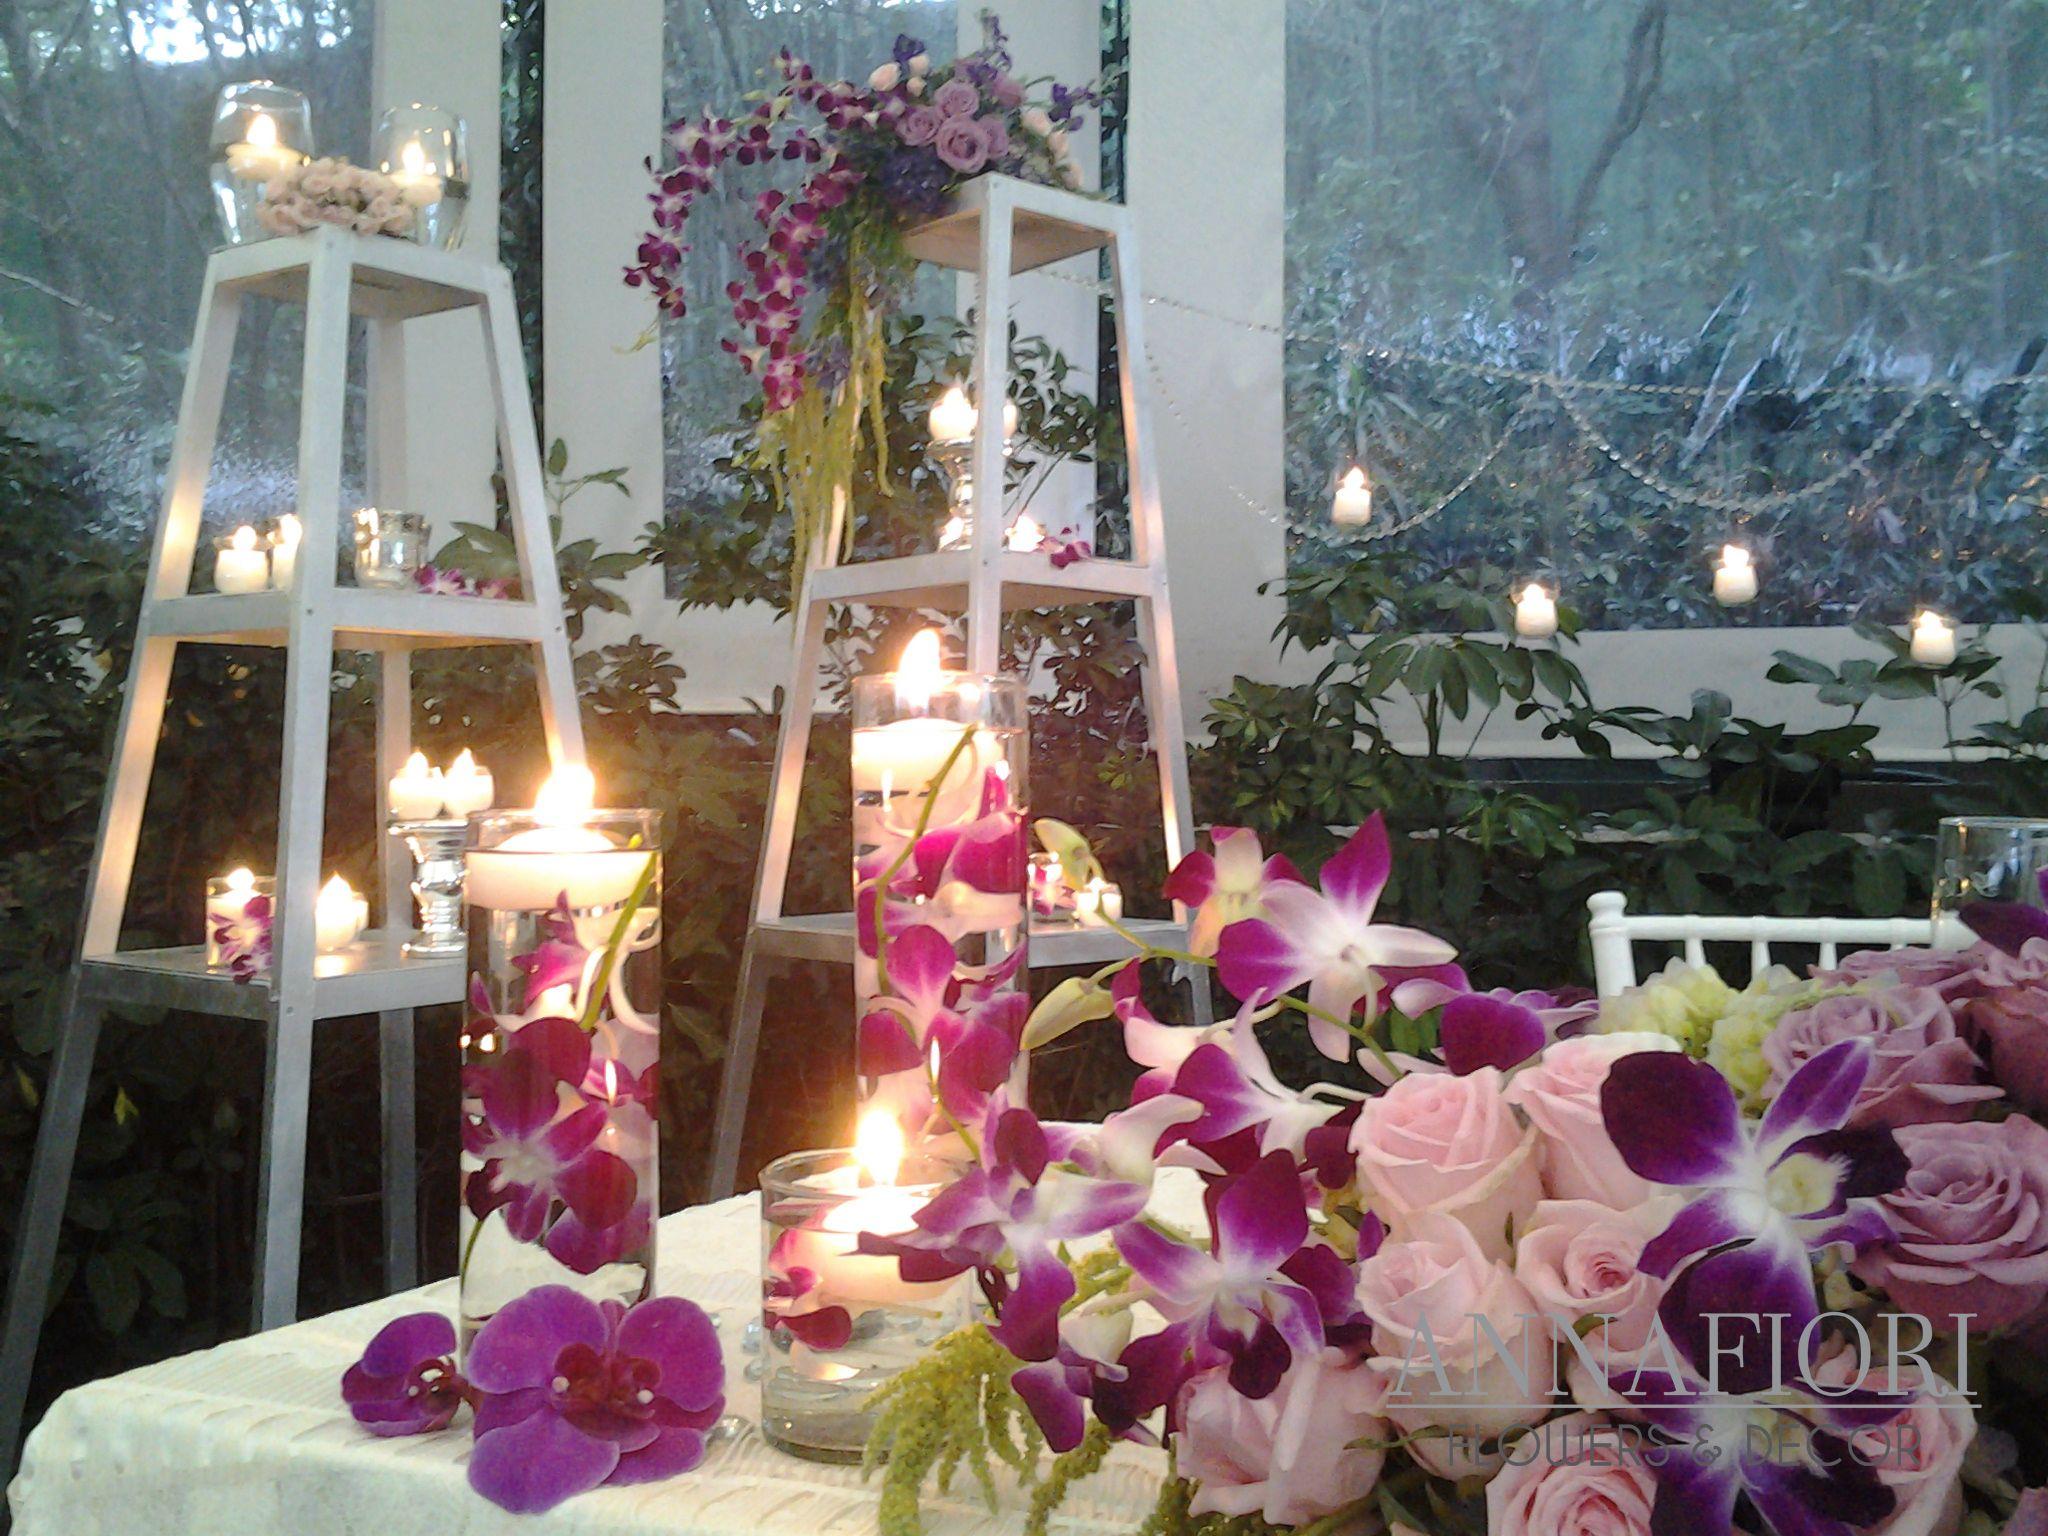 resultado de imagen para decoracion de fiestas df jardin